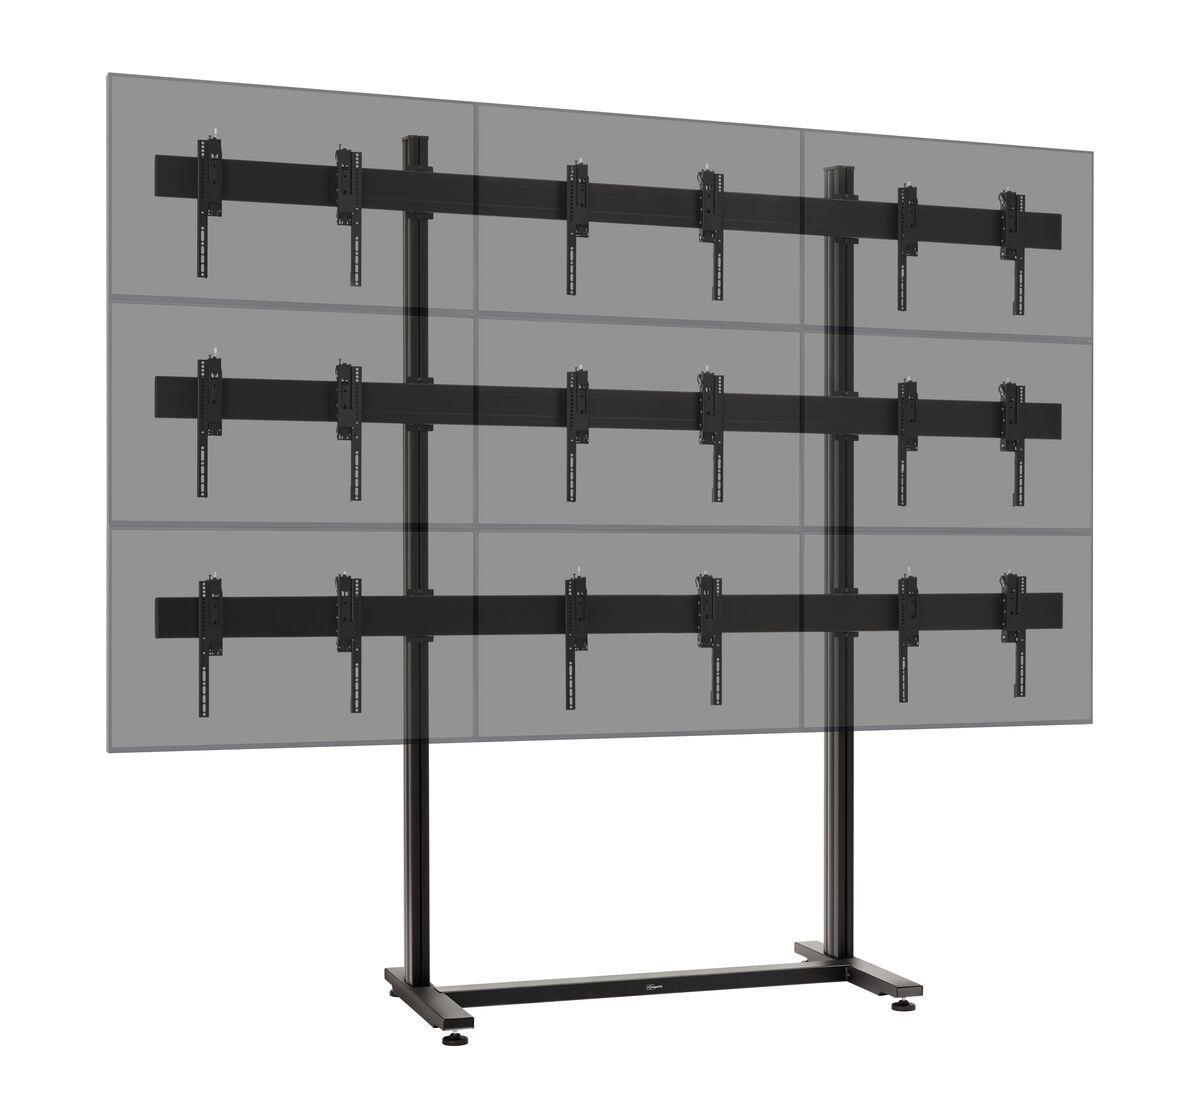 Vogel's FVW3355 Pied de sol pour mur d'images 3x3 - Application